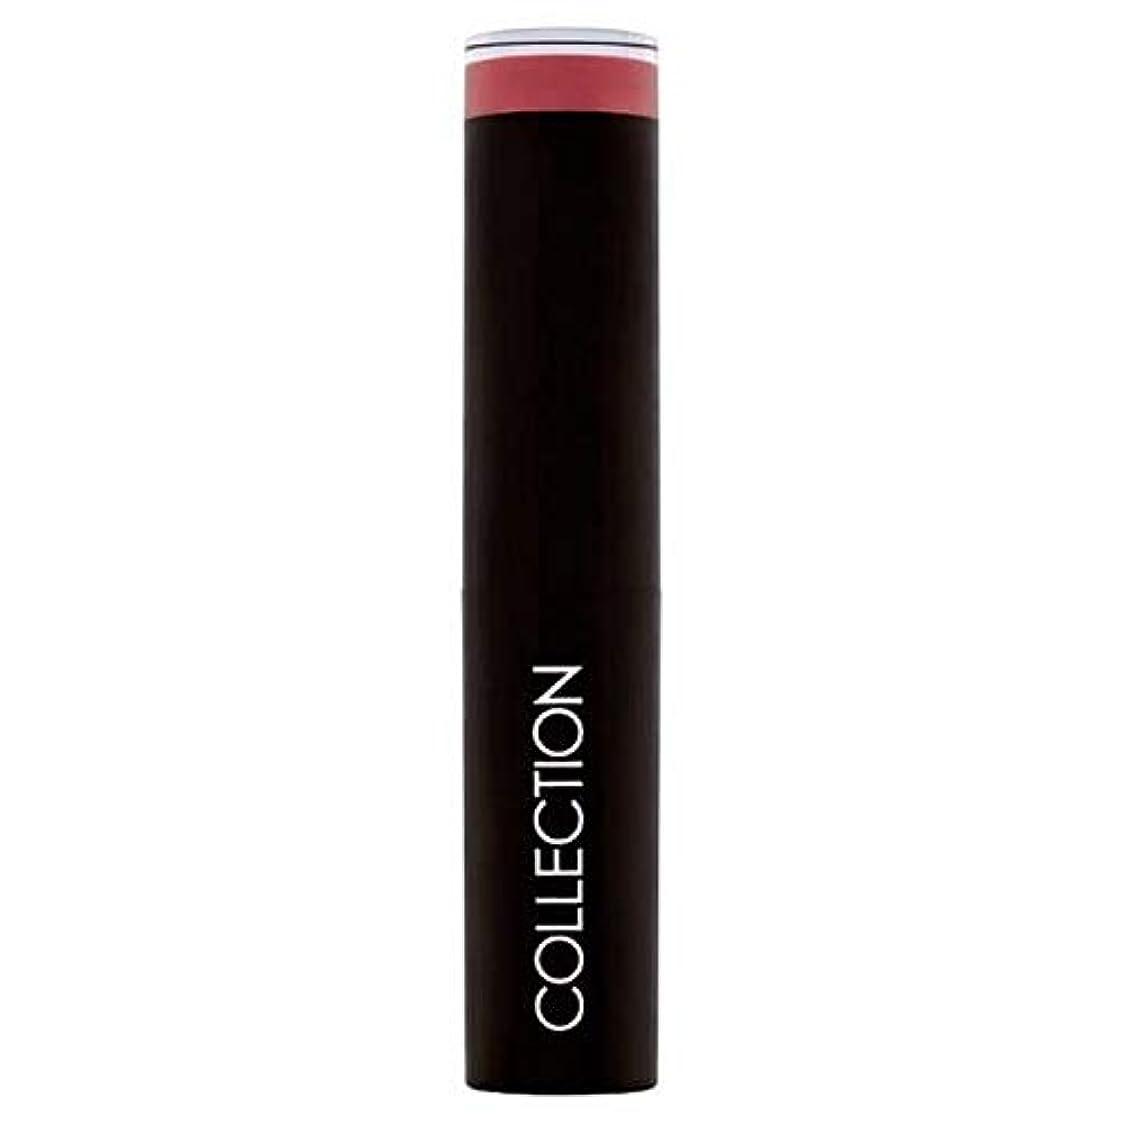 野菜アスレチック無力[Collection ] コレクション強烈な輝きゲル口紅破砕梅3 - Collection Intense Shine Gel Lipstick Crushed Plum 3 [並行輸入品]